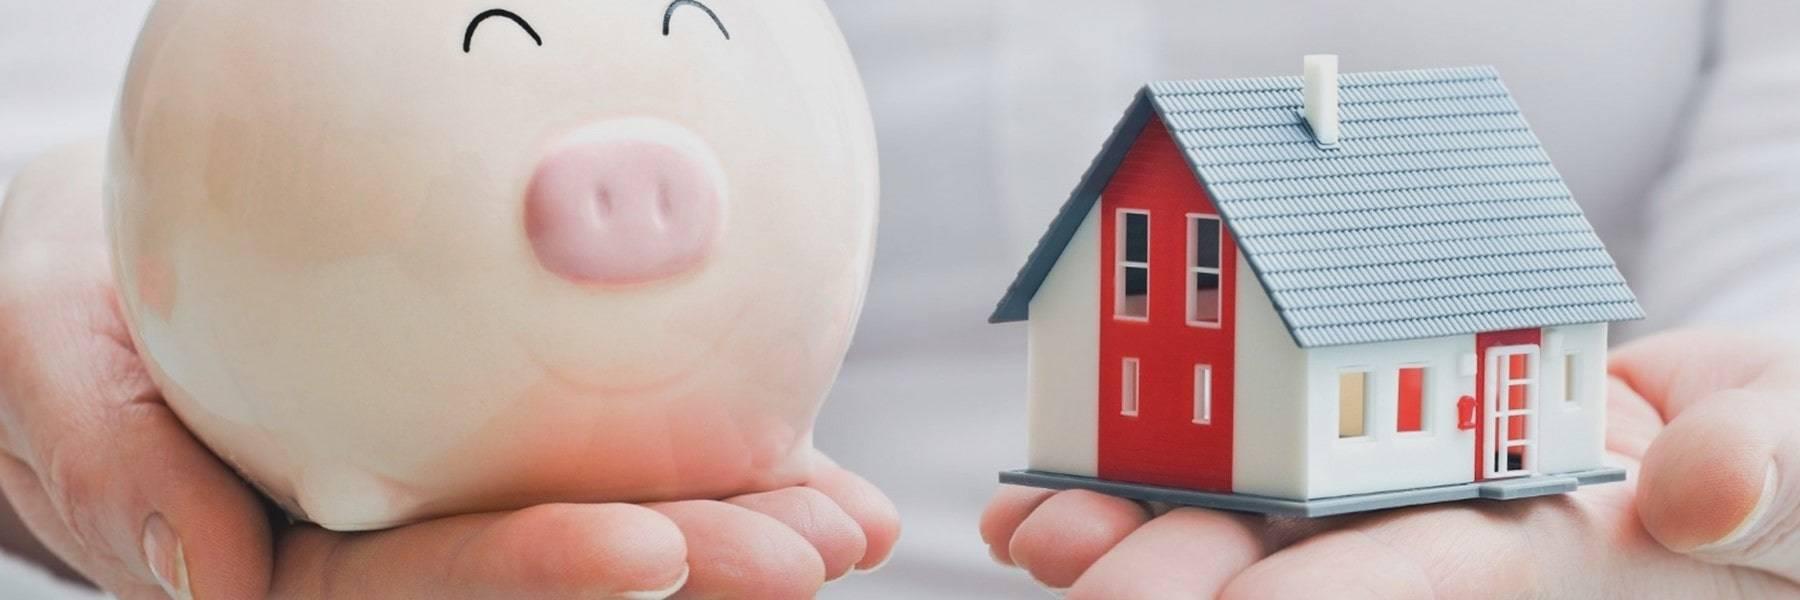 Extra aflossen op hypotheek - De HypotheekStore - Hypotheek Store